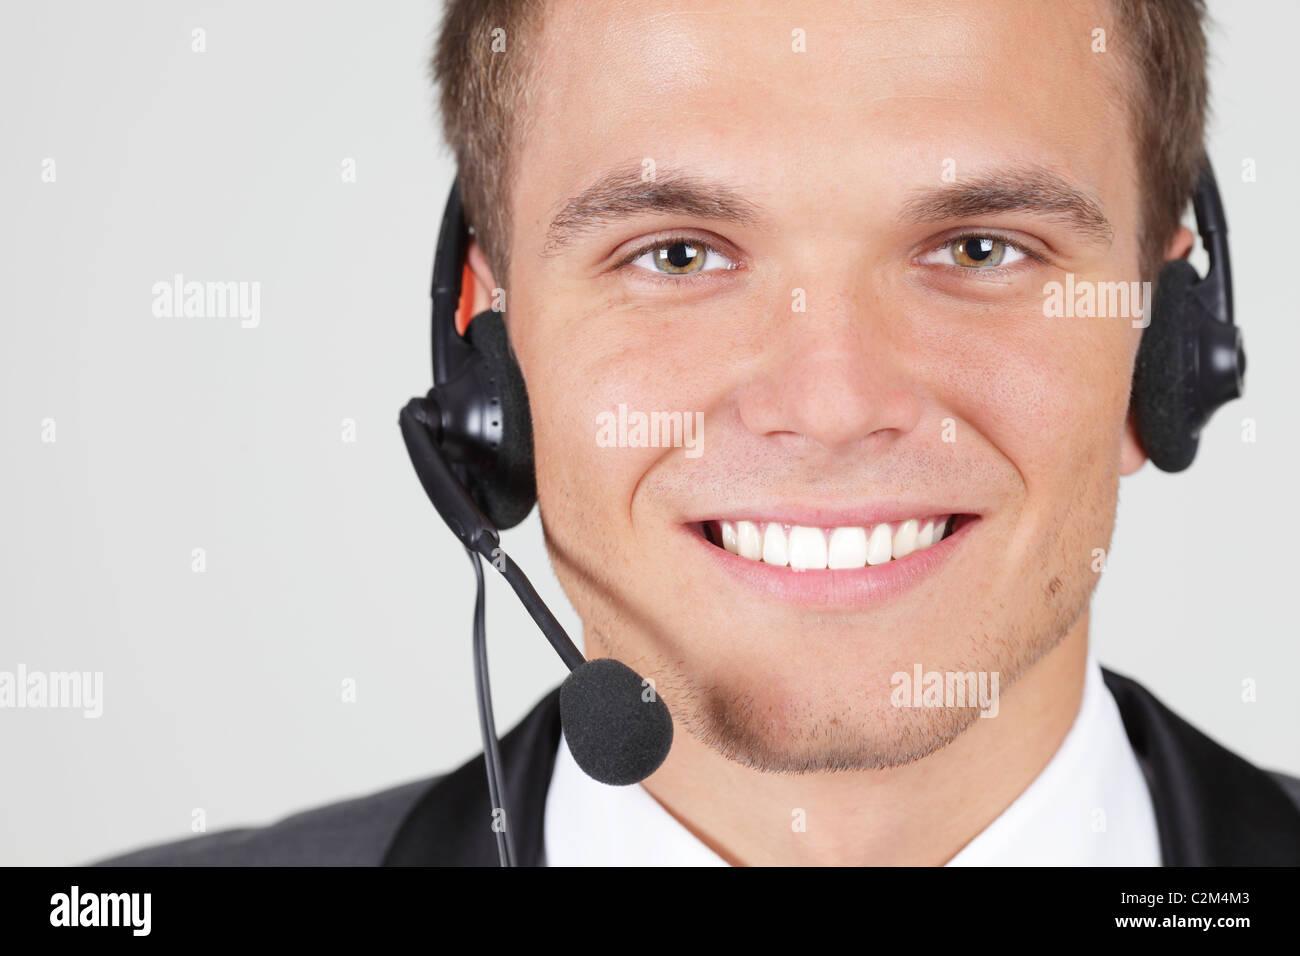 L'opérateur de support client isolé woman smiling Photo Stock